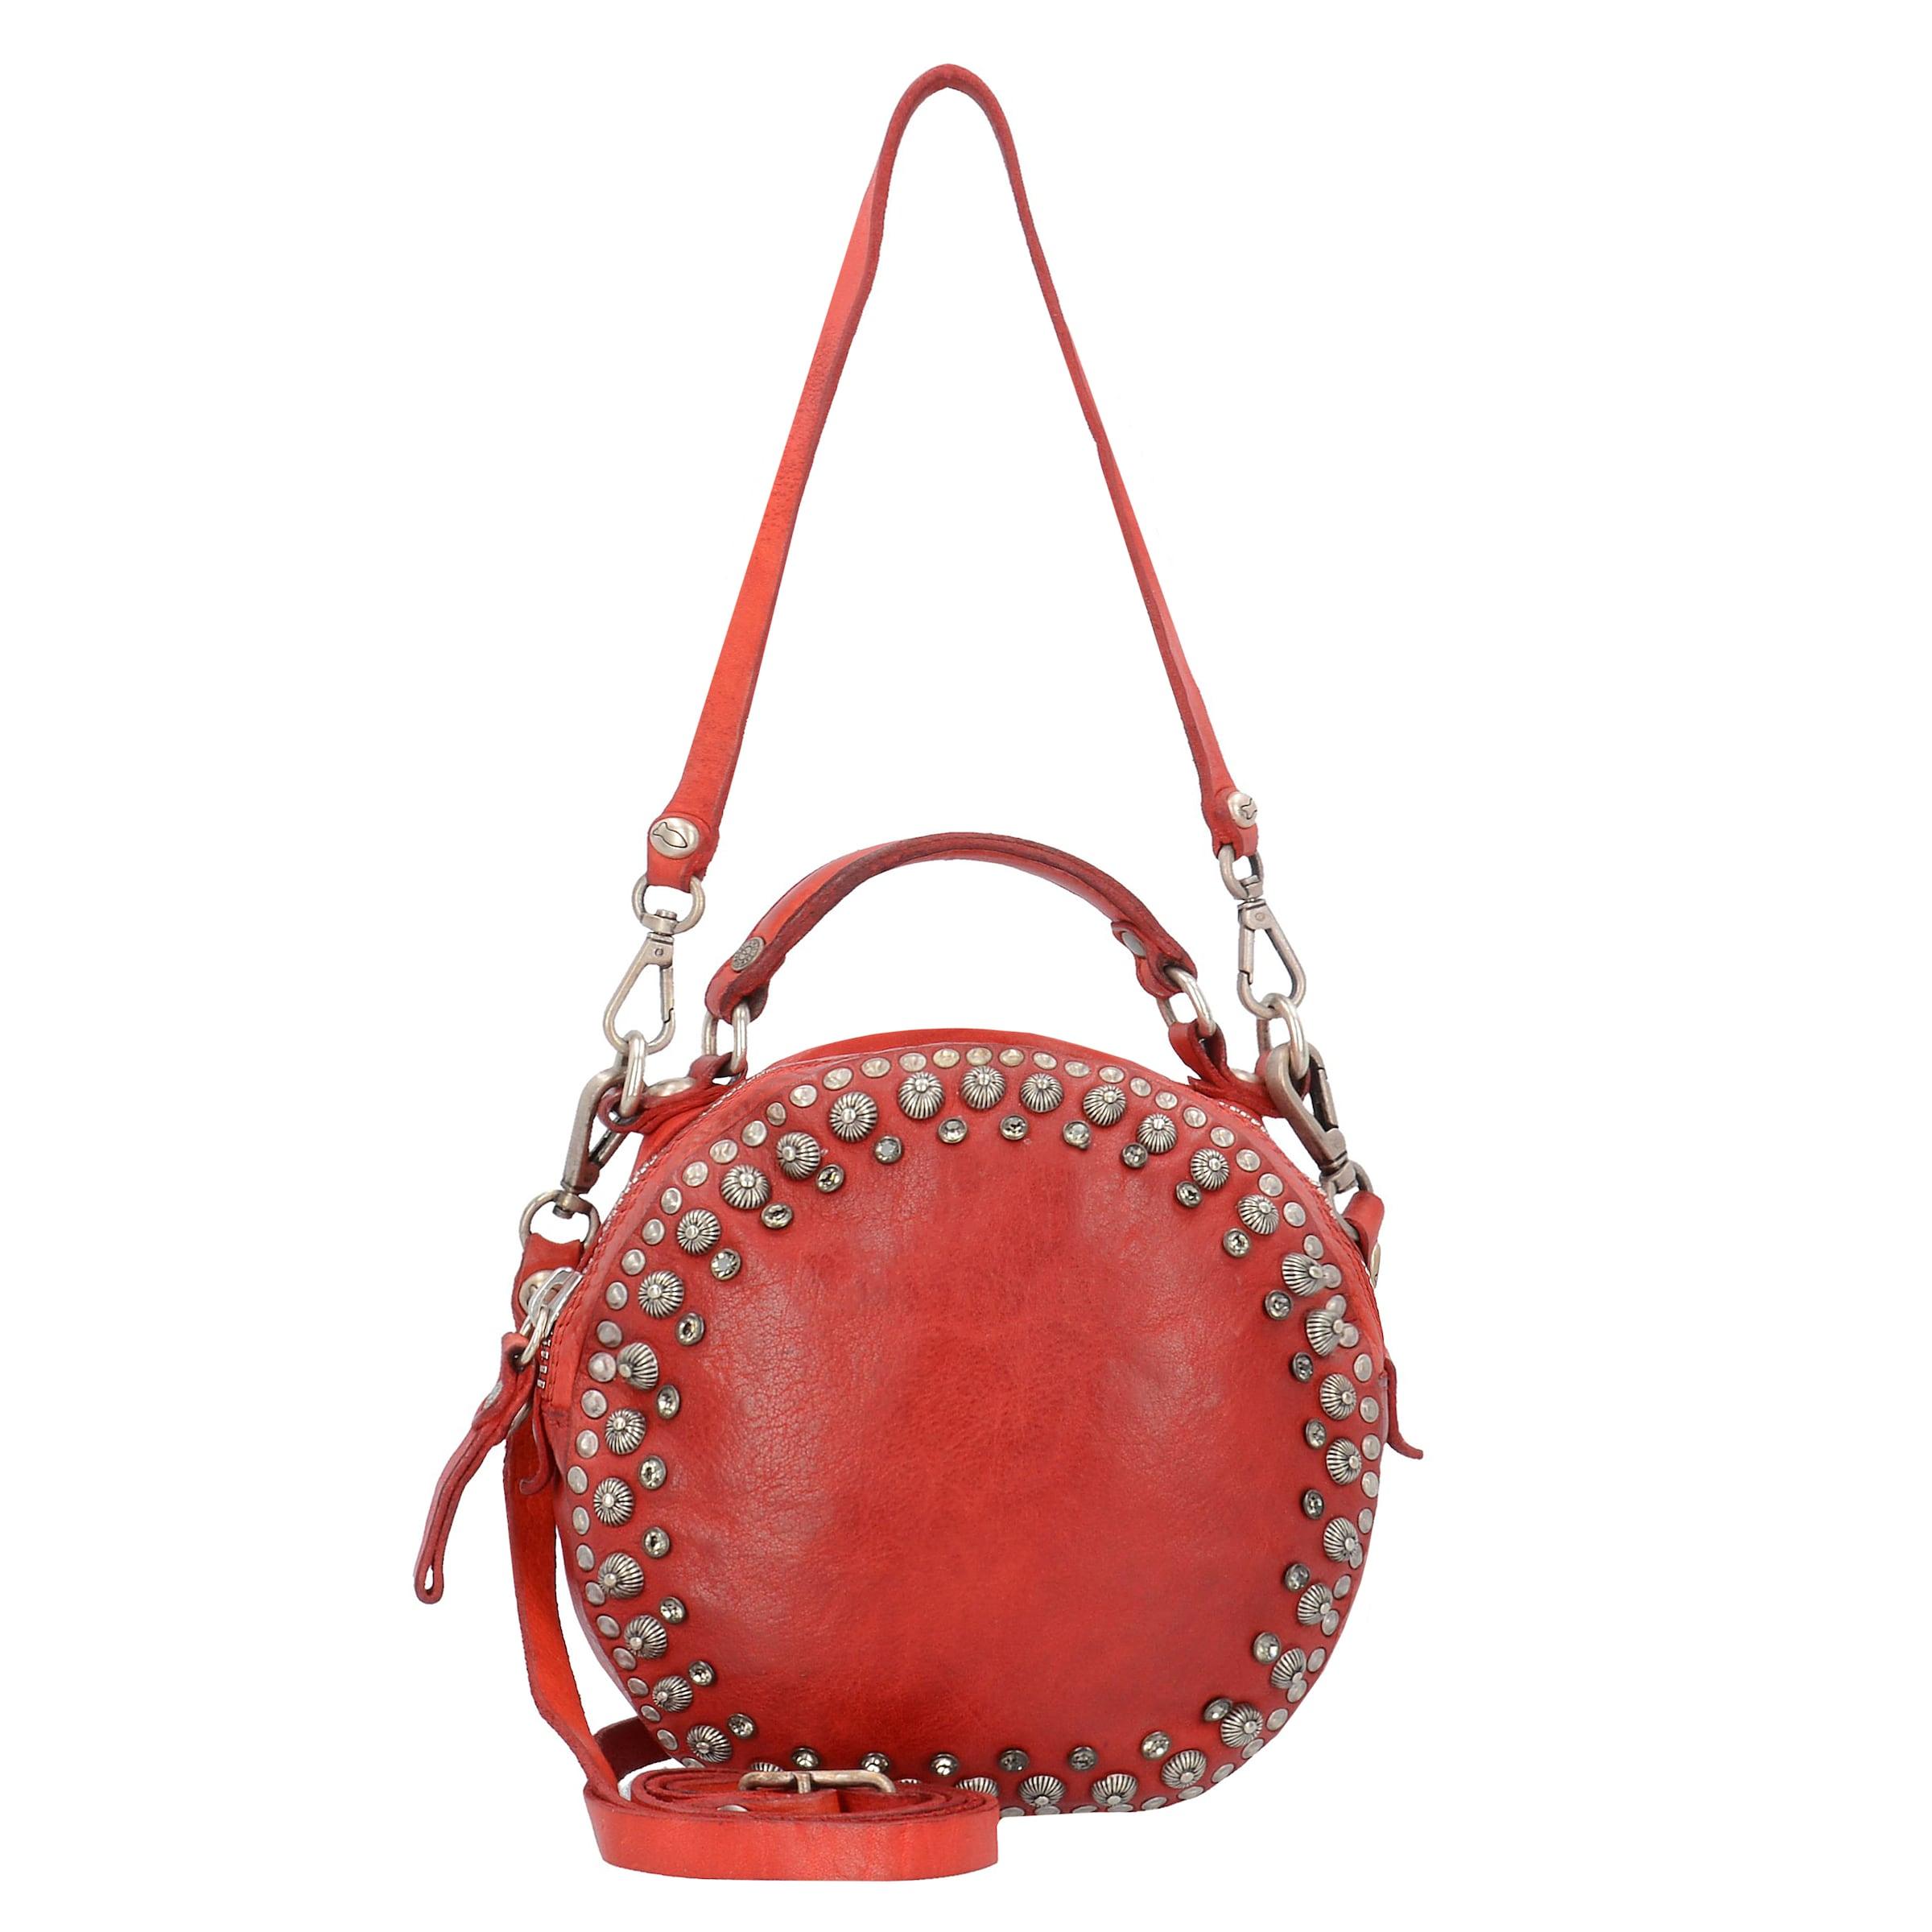 Campomaggi Mini Bag Umhängetasche Leder 18 cm Verkauf Erstaunlicher Preis Profi Zu Verkaufen Billig ZxmBKS4z